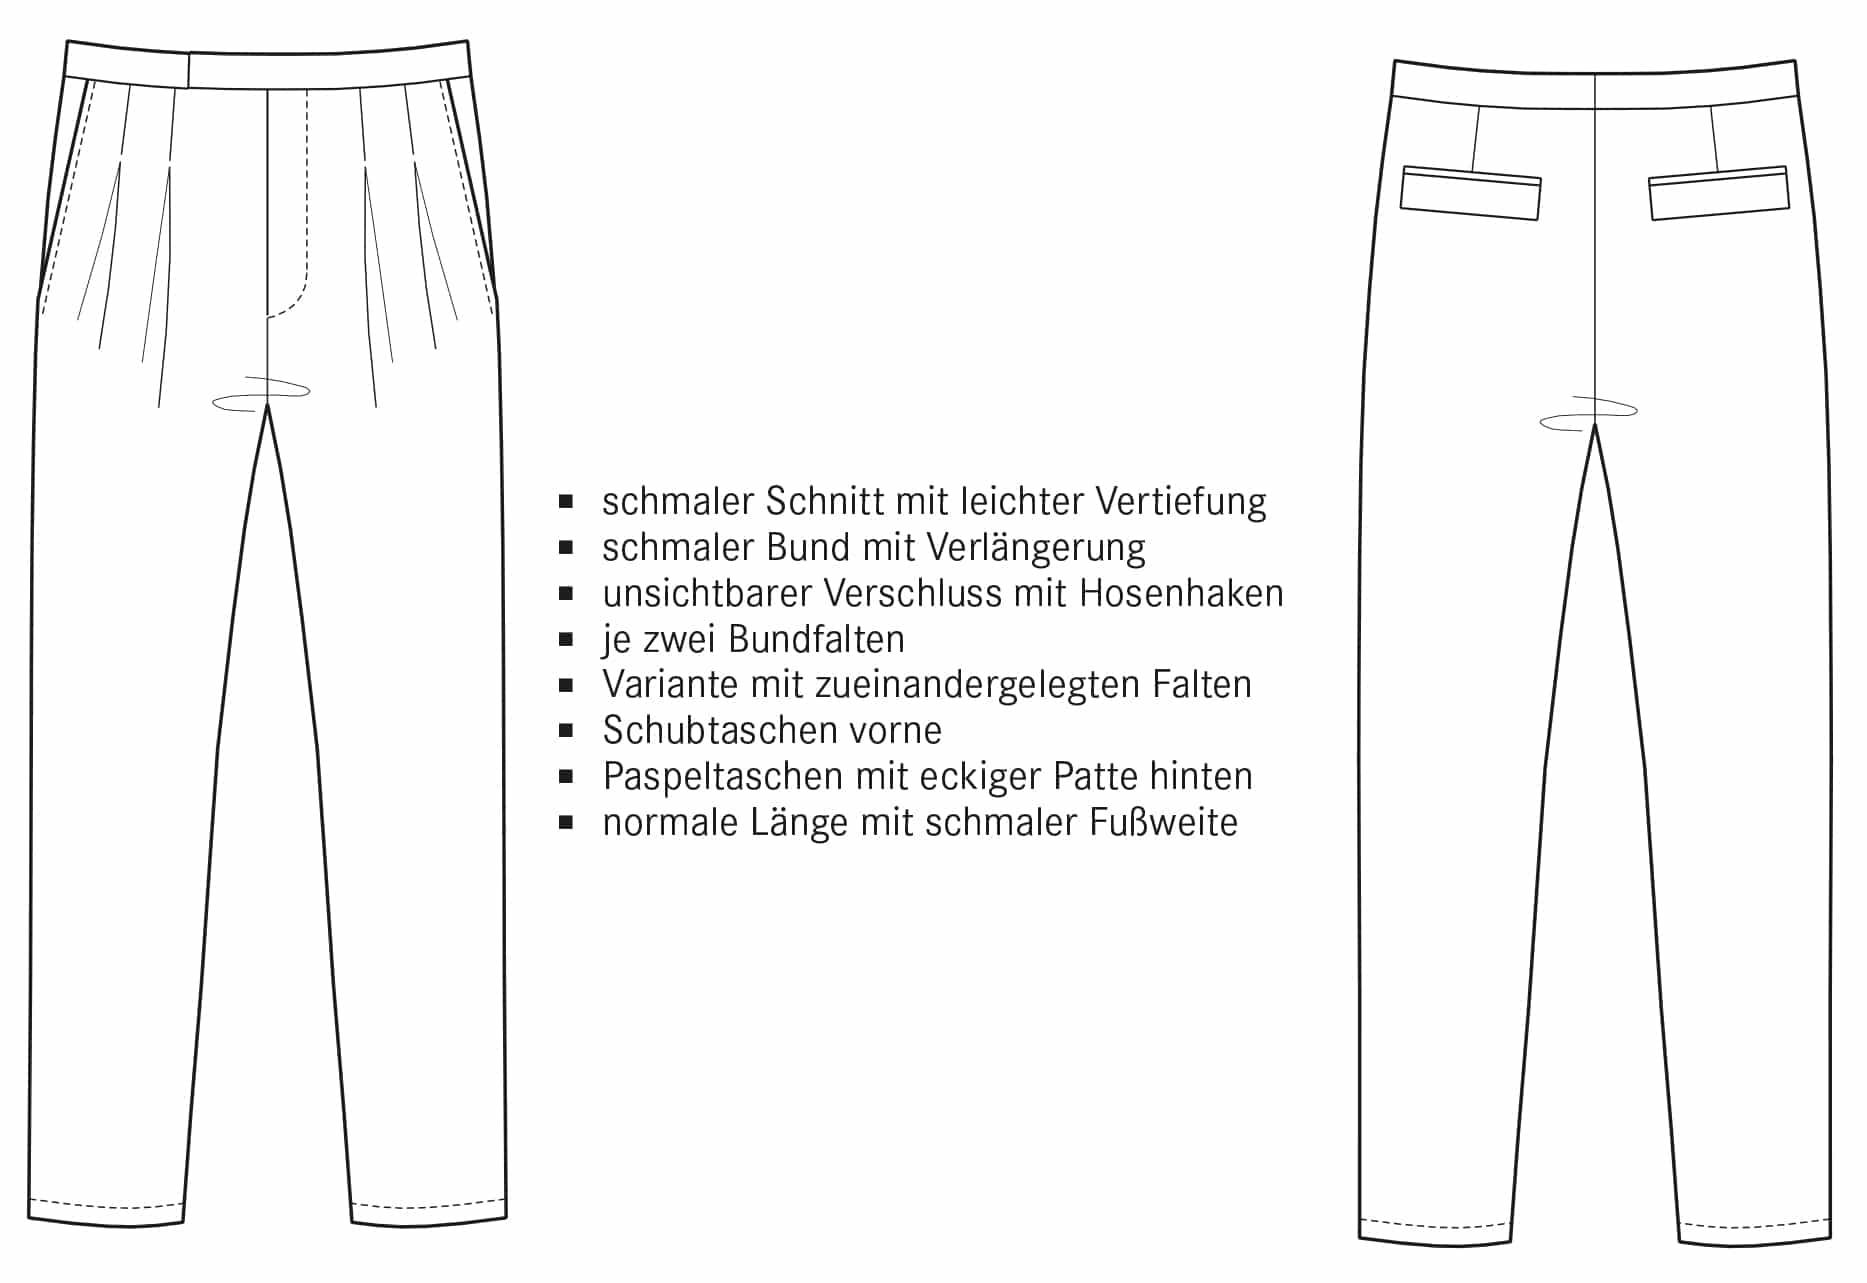 Technische Zeichnung Bundfaltenhose mit schmalem Bund.